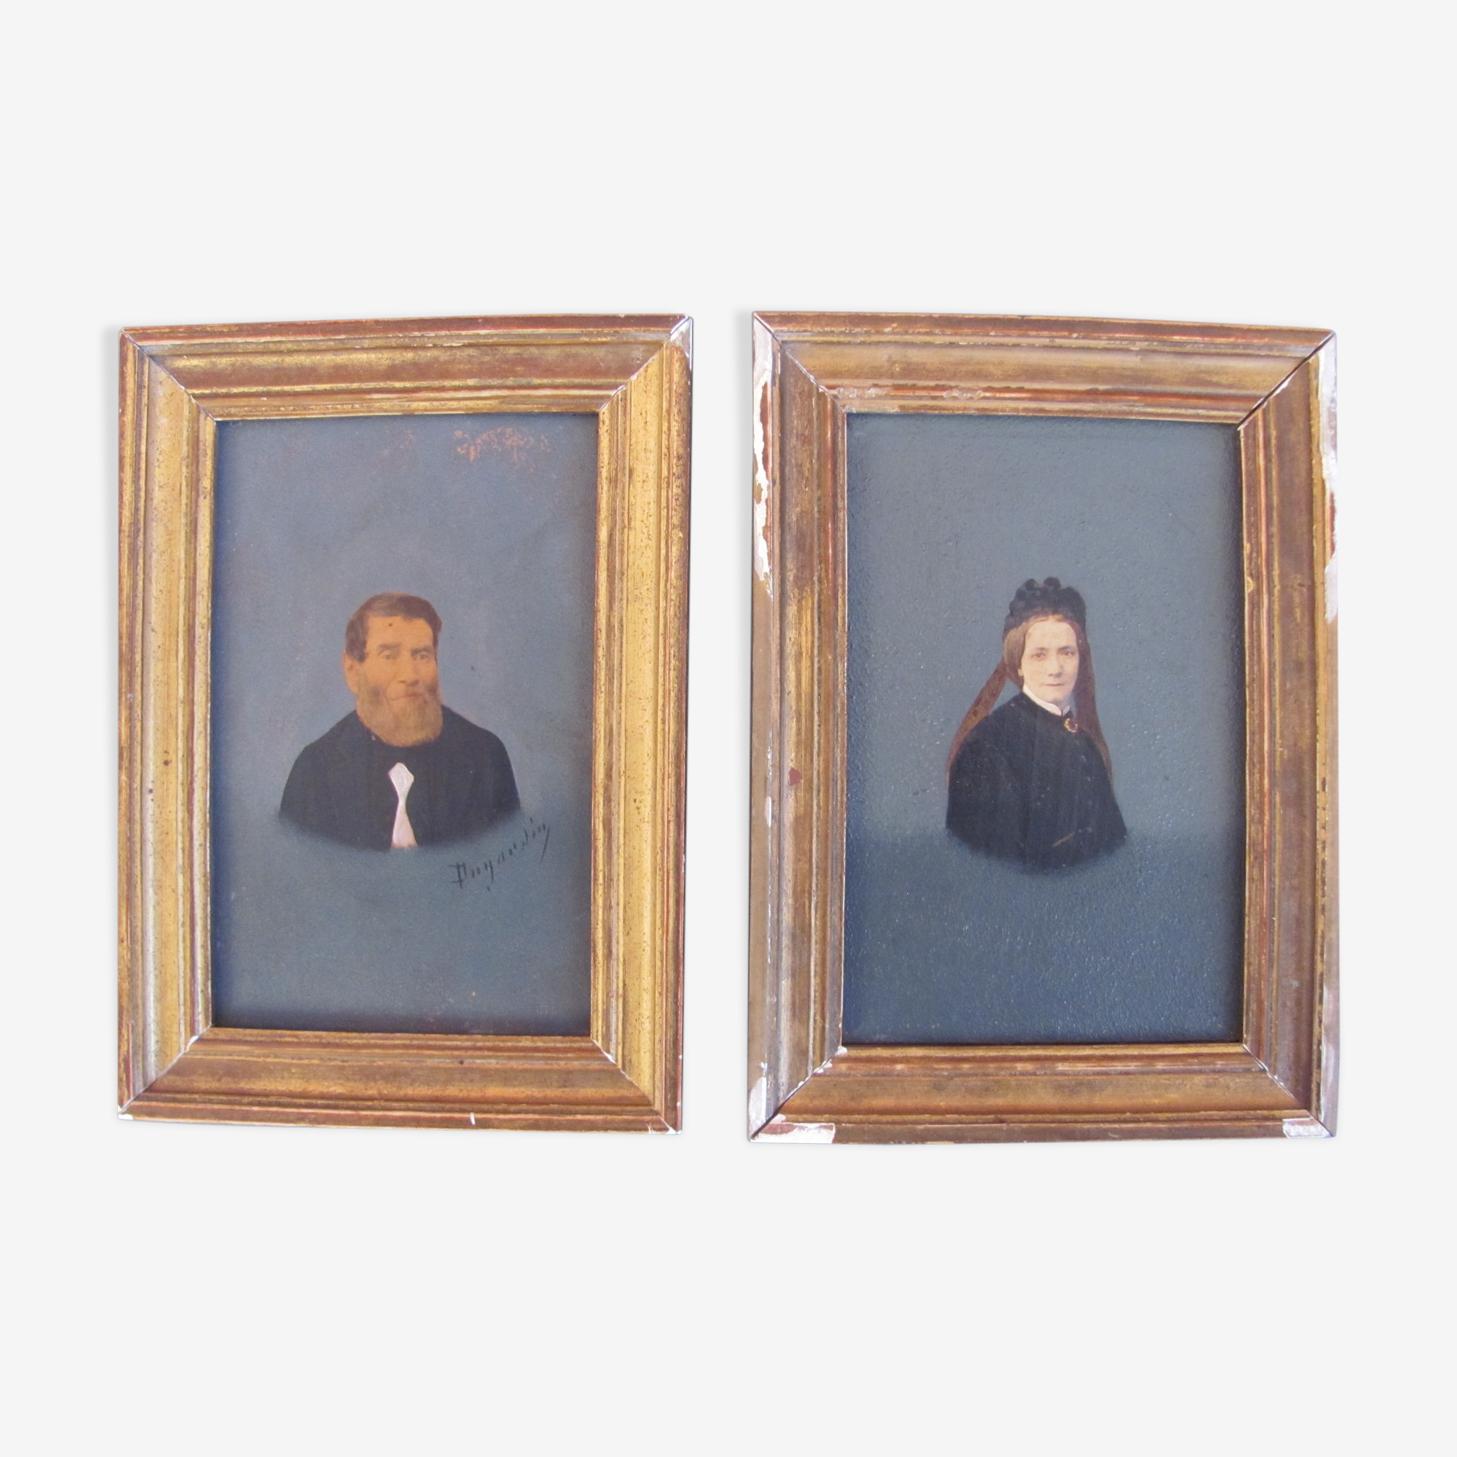 Deux portraits cadre en bois doré